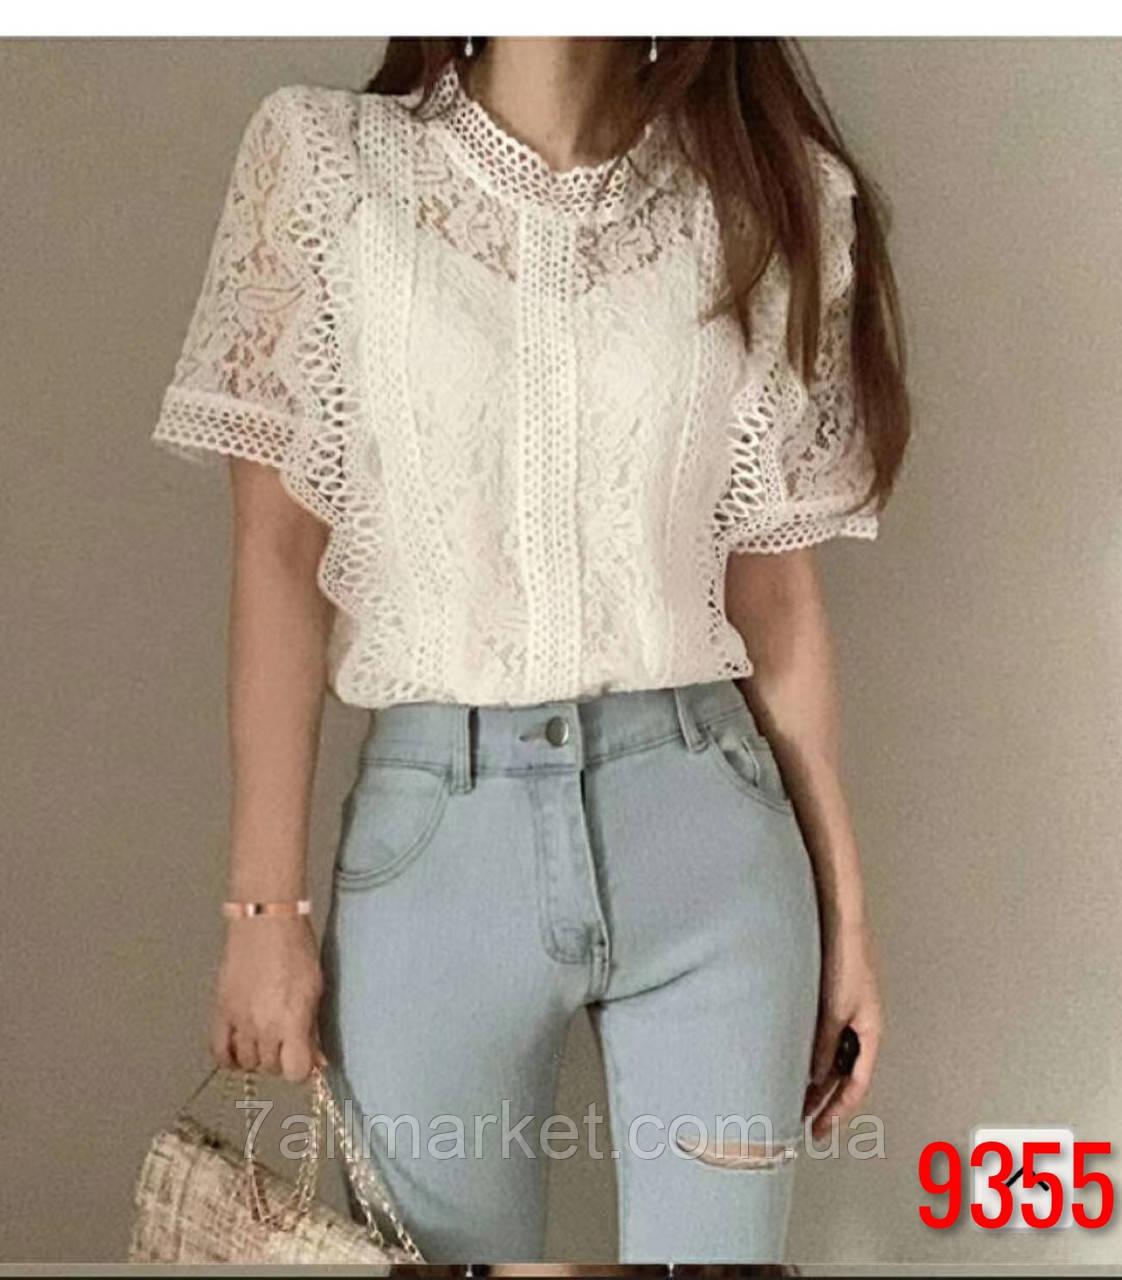 """Блузка женская кружевная,короткий рукав, размеры M-L (4цв) """"SPRING"""" купить недорого от прямого поставщика"""